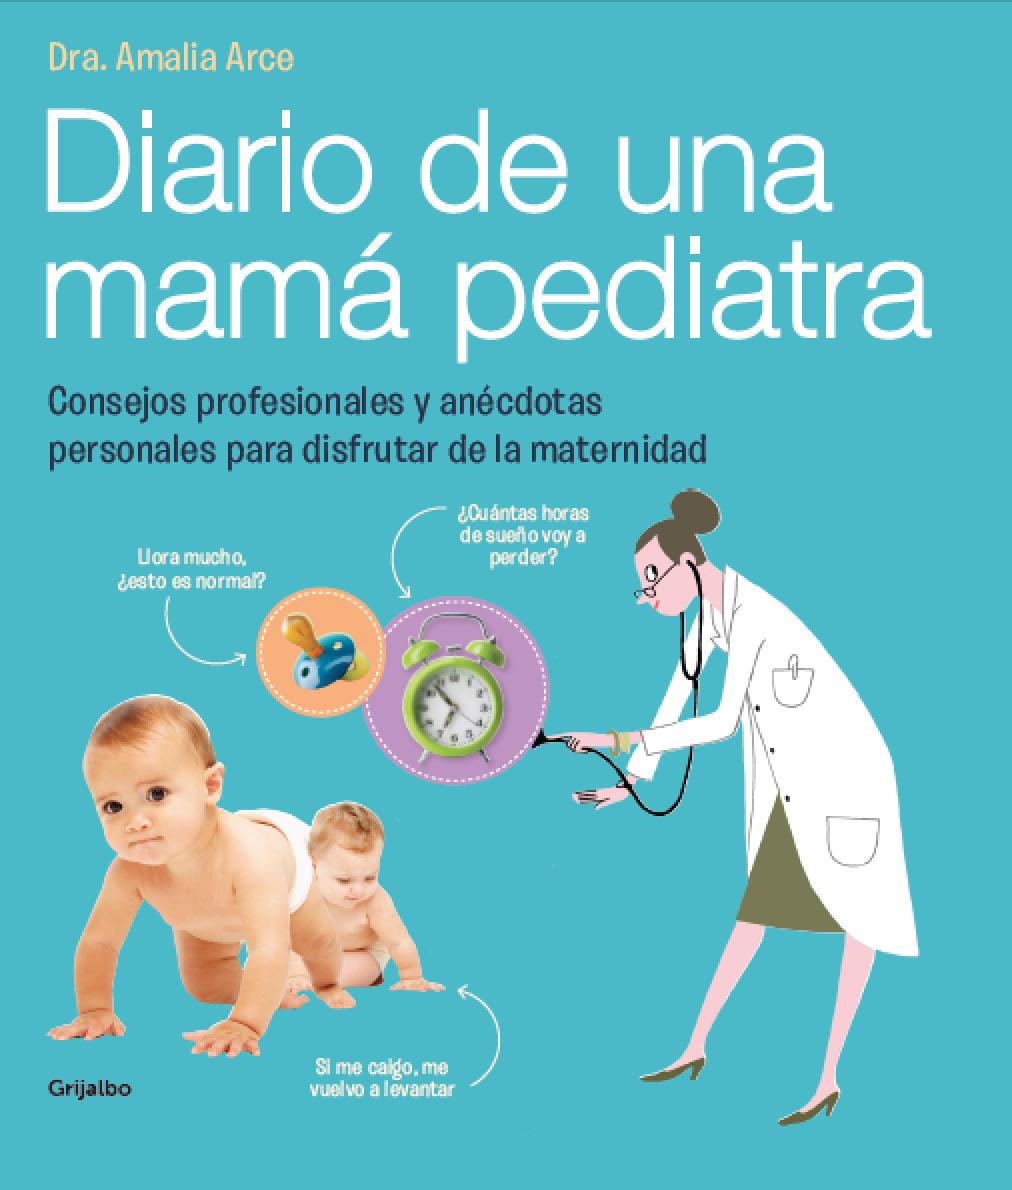 Diario de una mamá pediatra. El libro